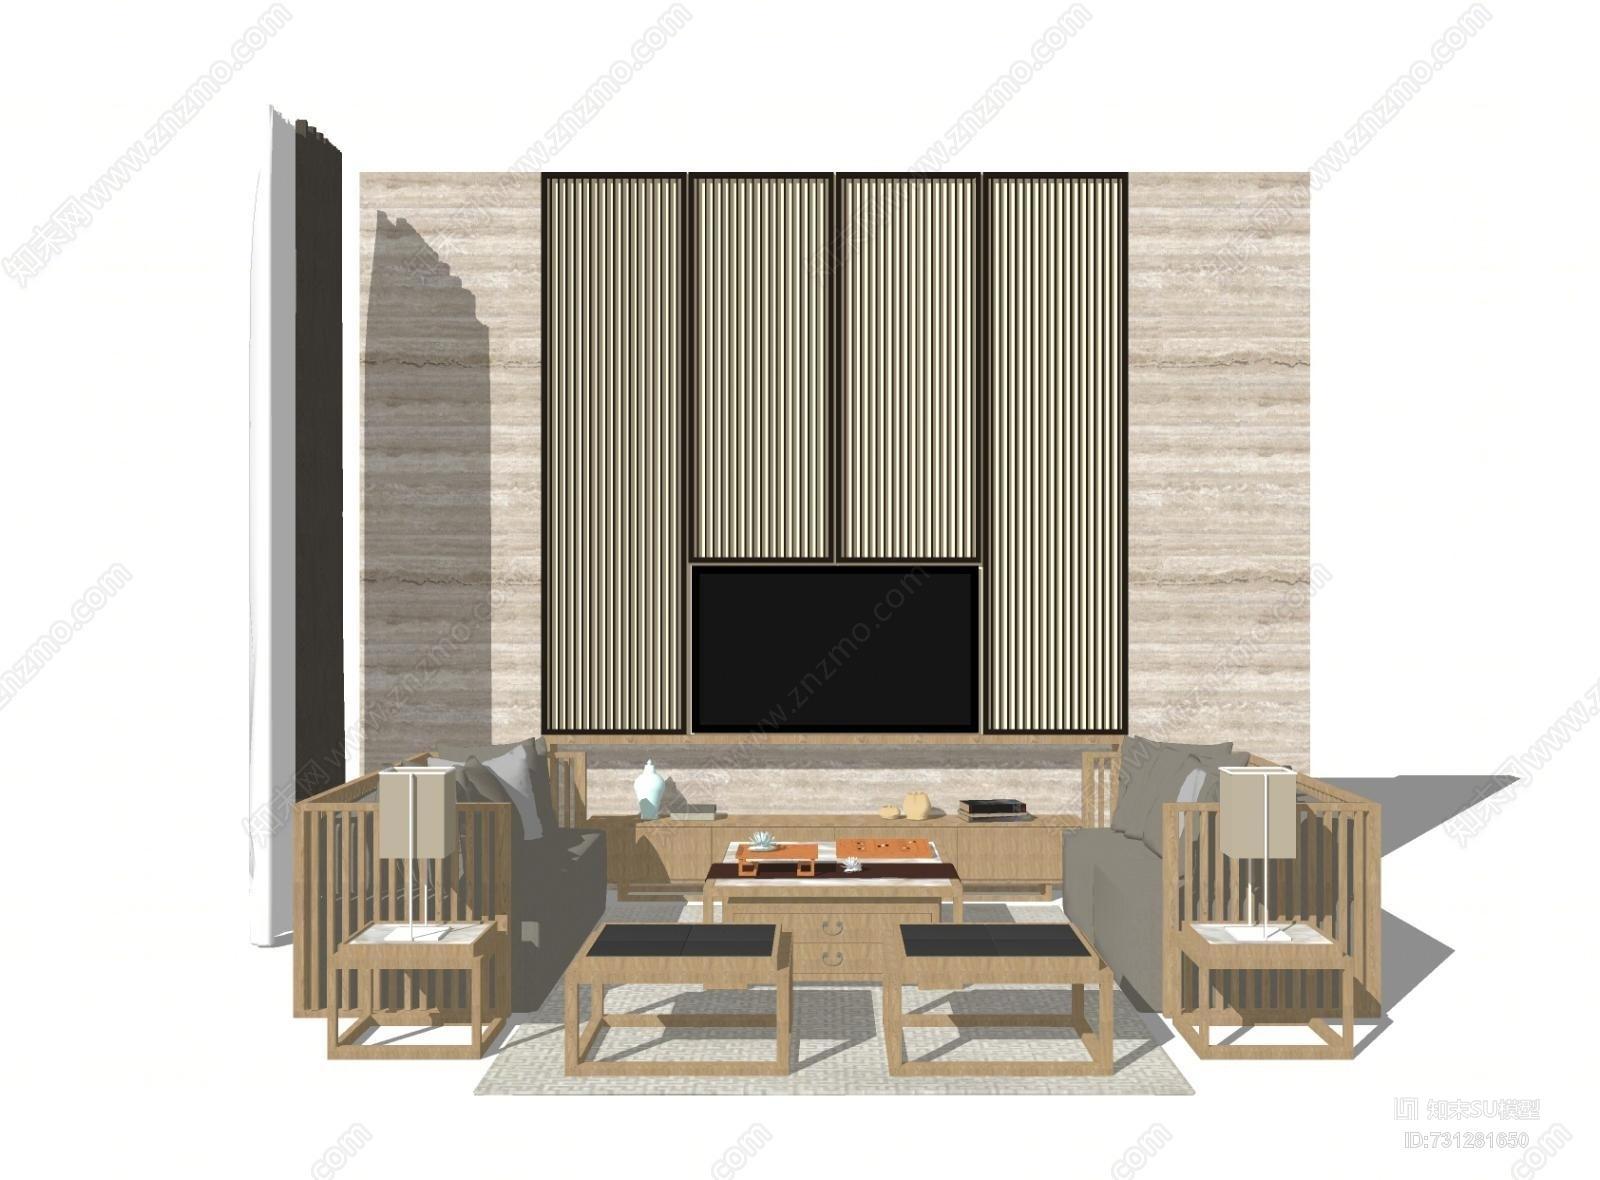 新中式客厅沙发茶几 装饰画 背景 组合SU模型家具